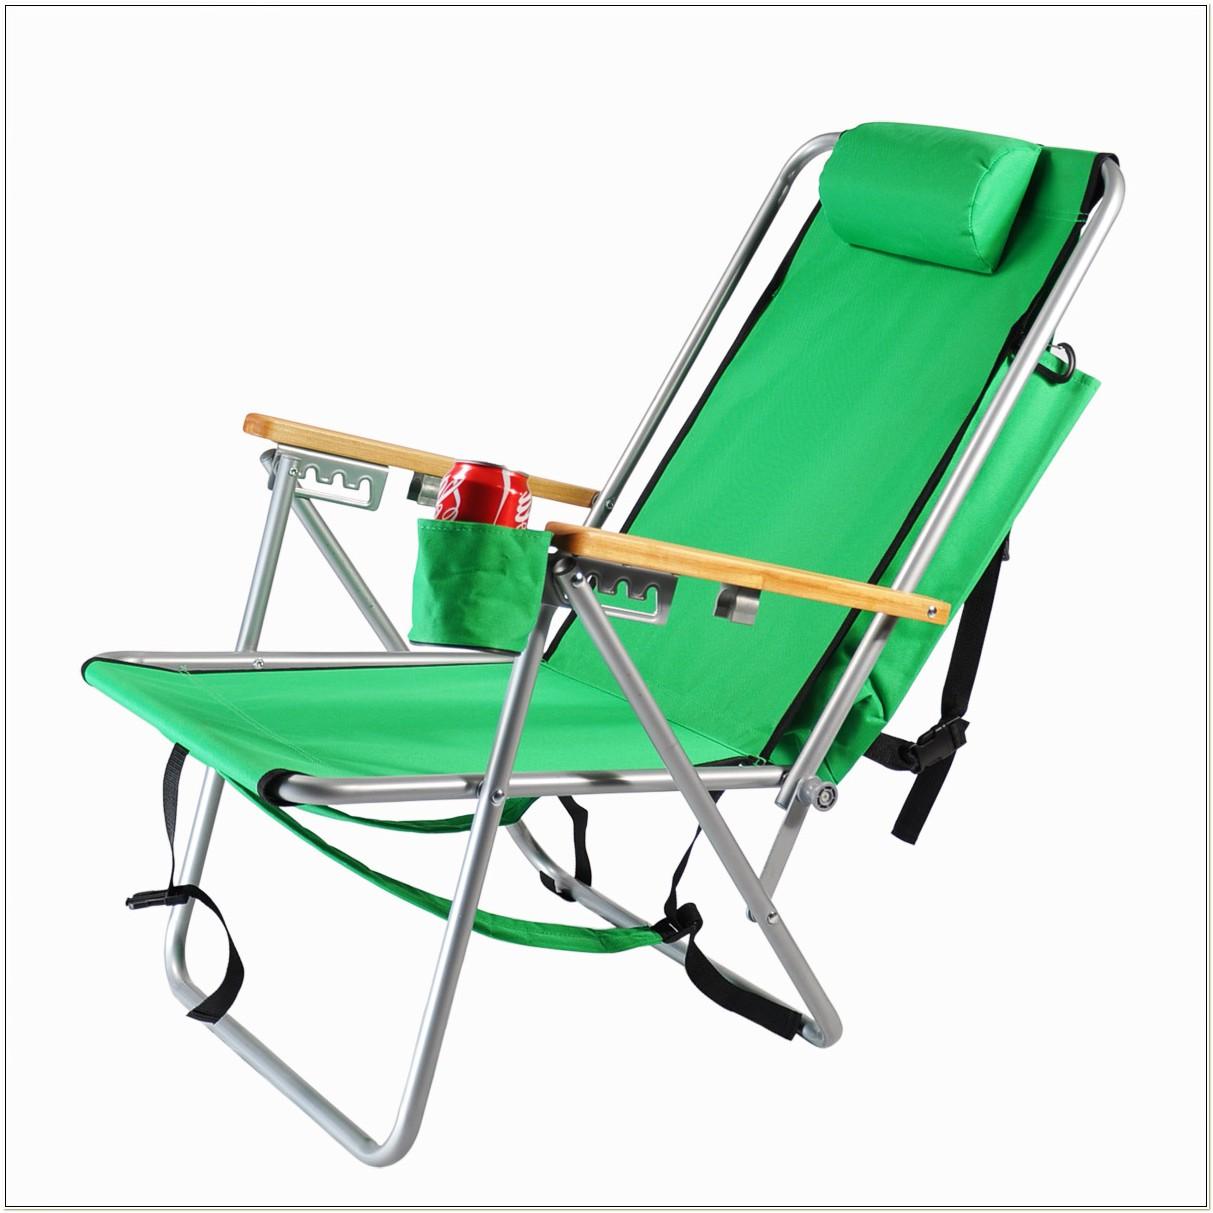 Sears High Boy Beach Chairs